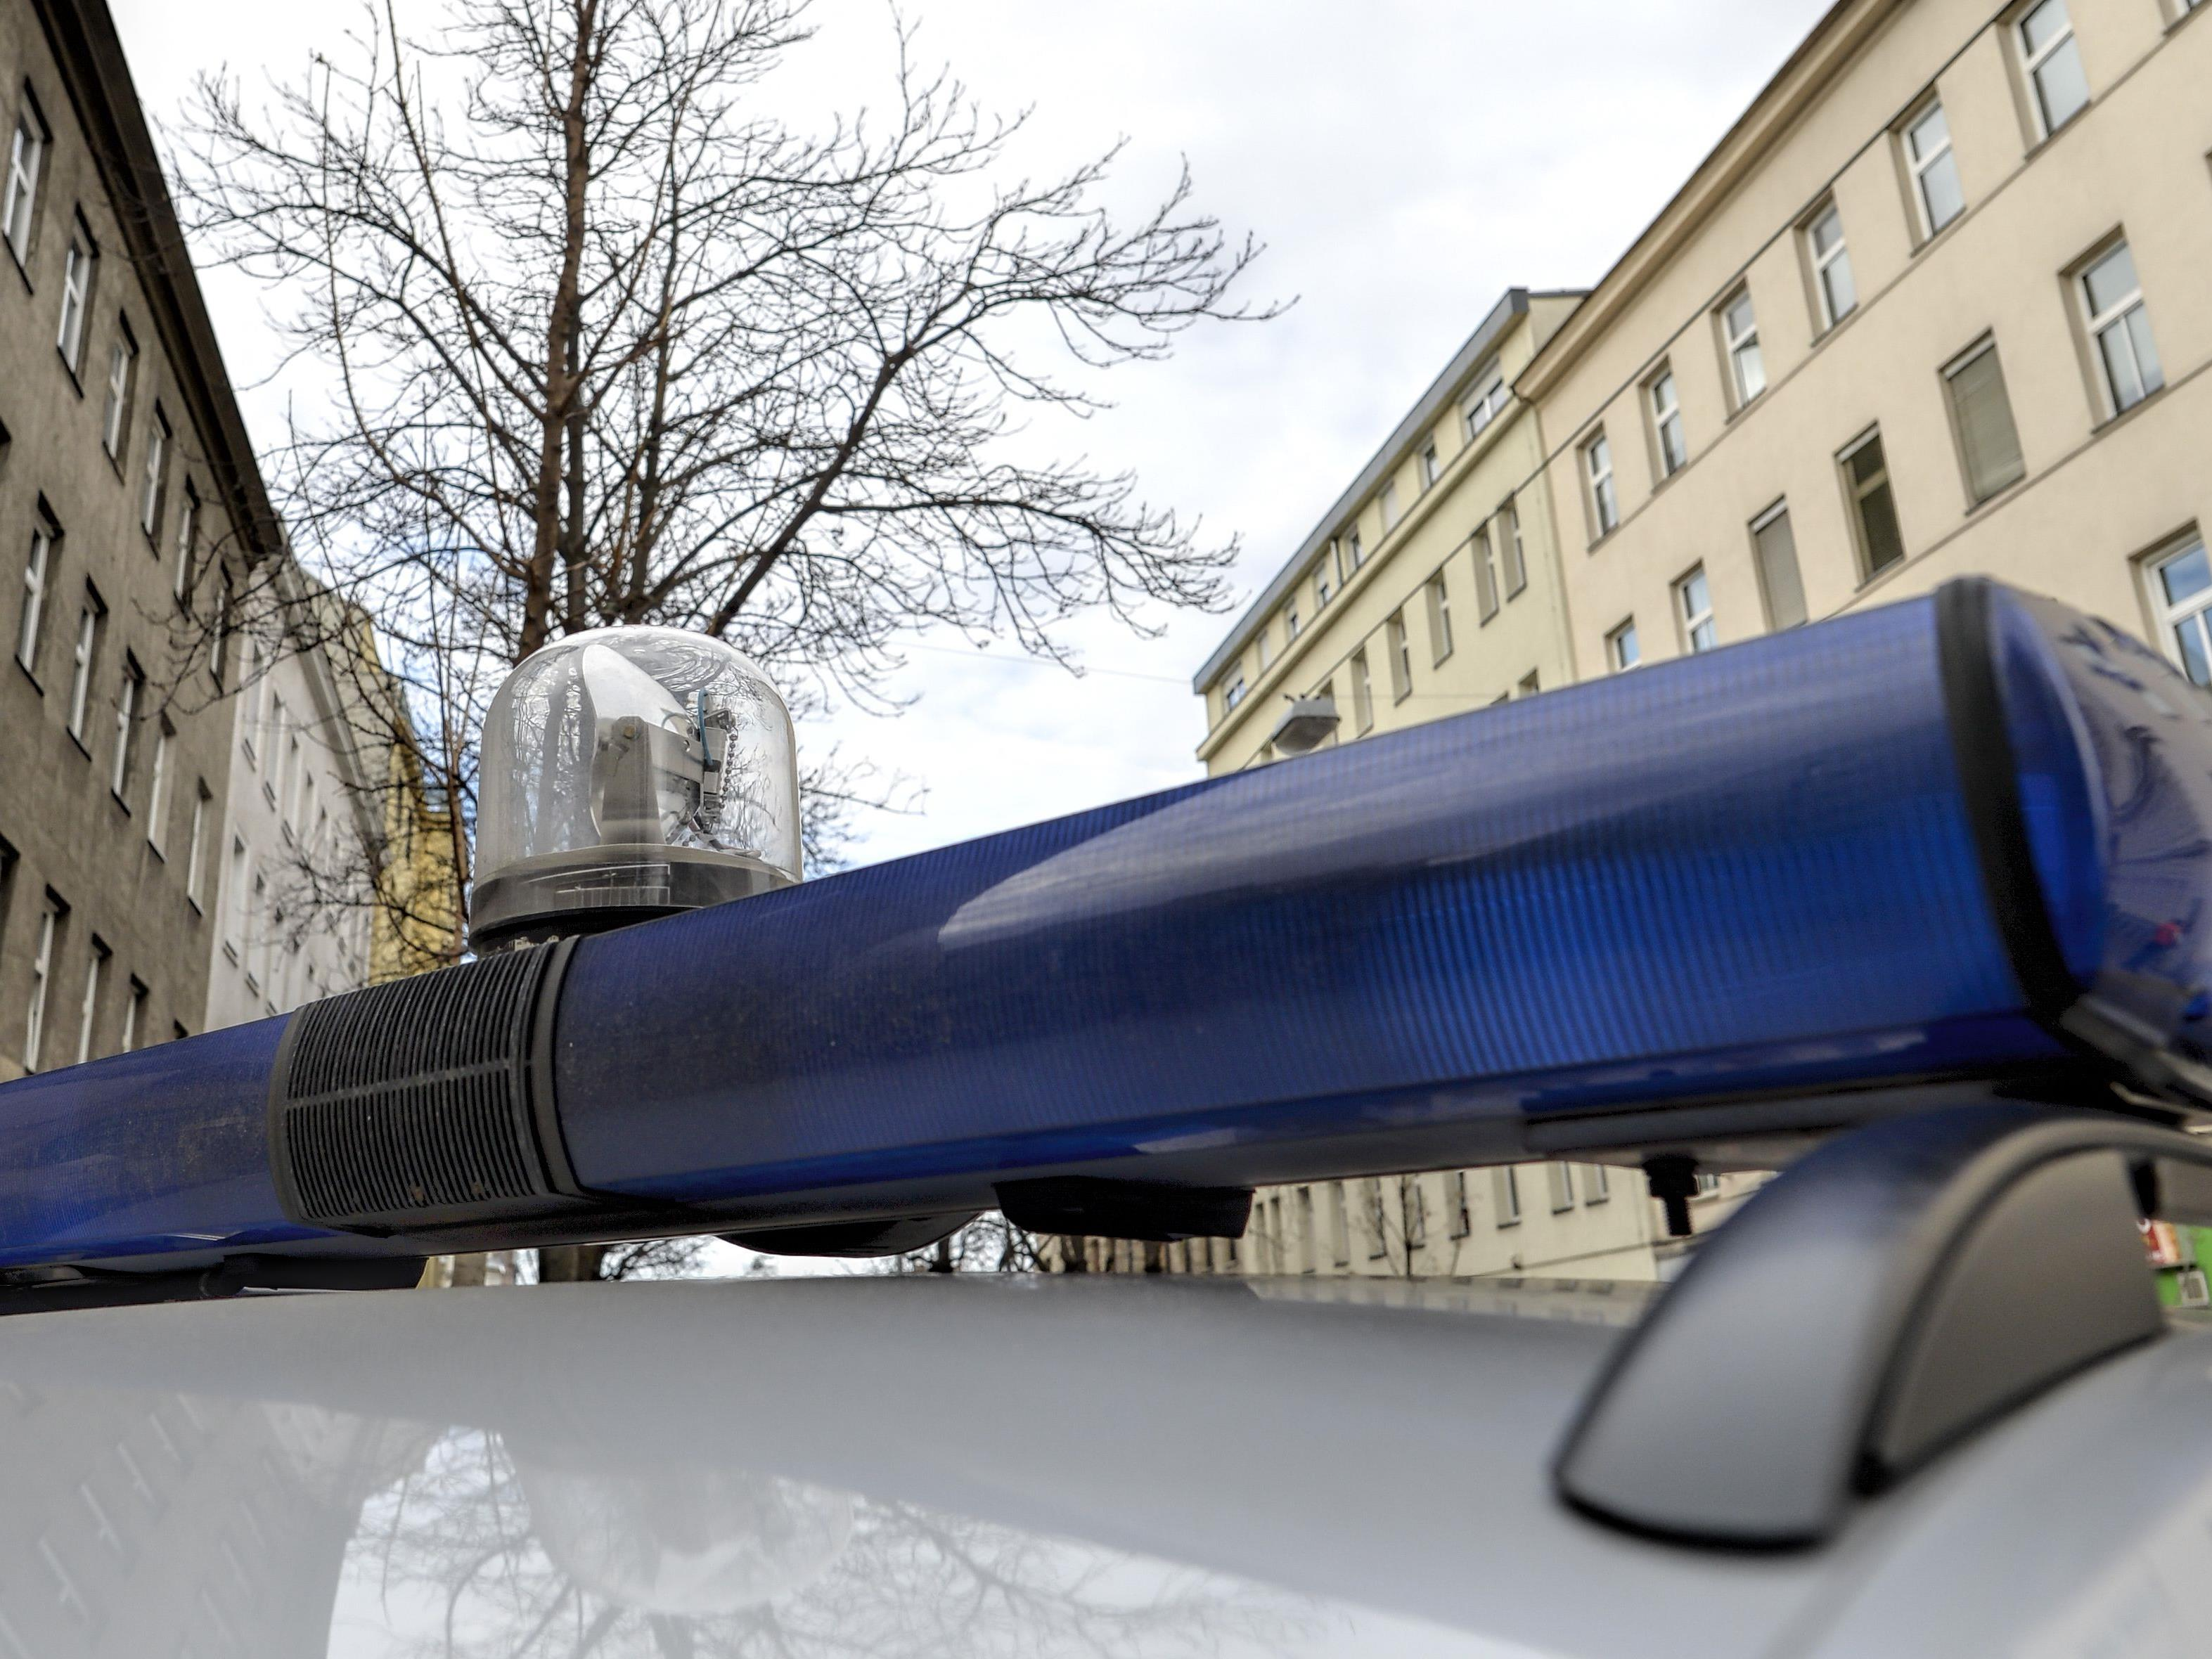 Ein 21-Jähriger verletzte bei einer Attacke einen Polizisten in Wien-Brigittenau.